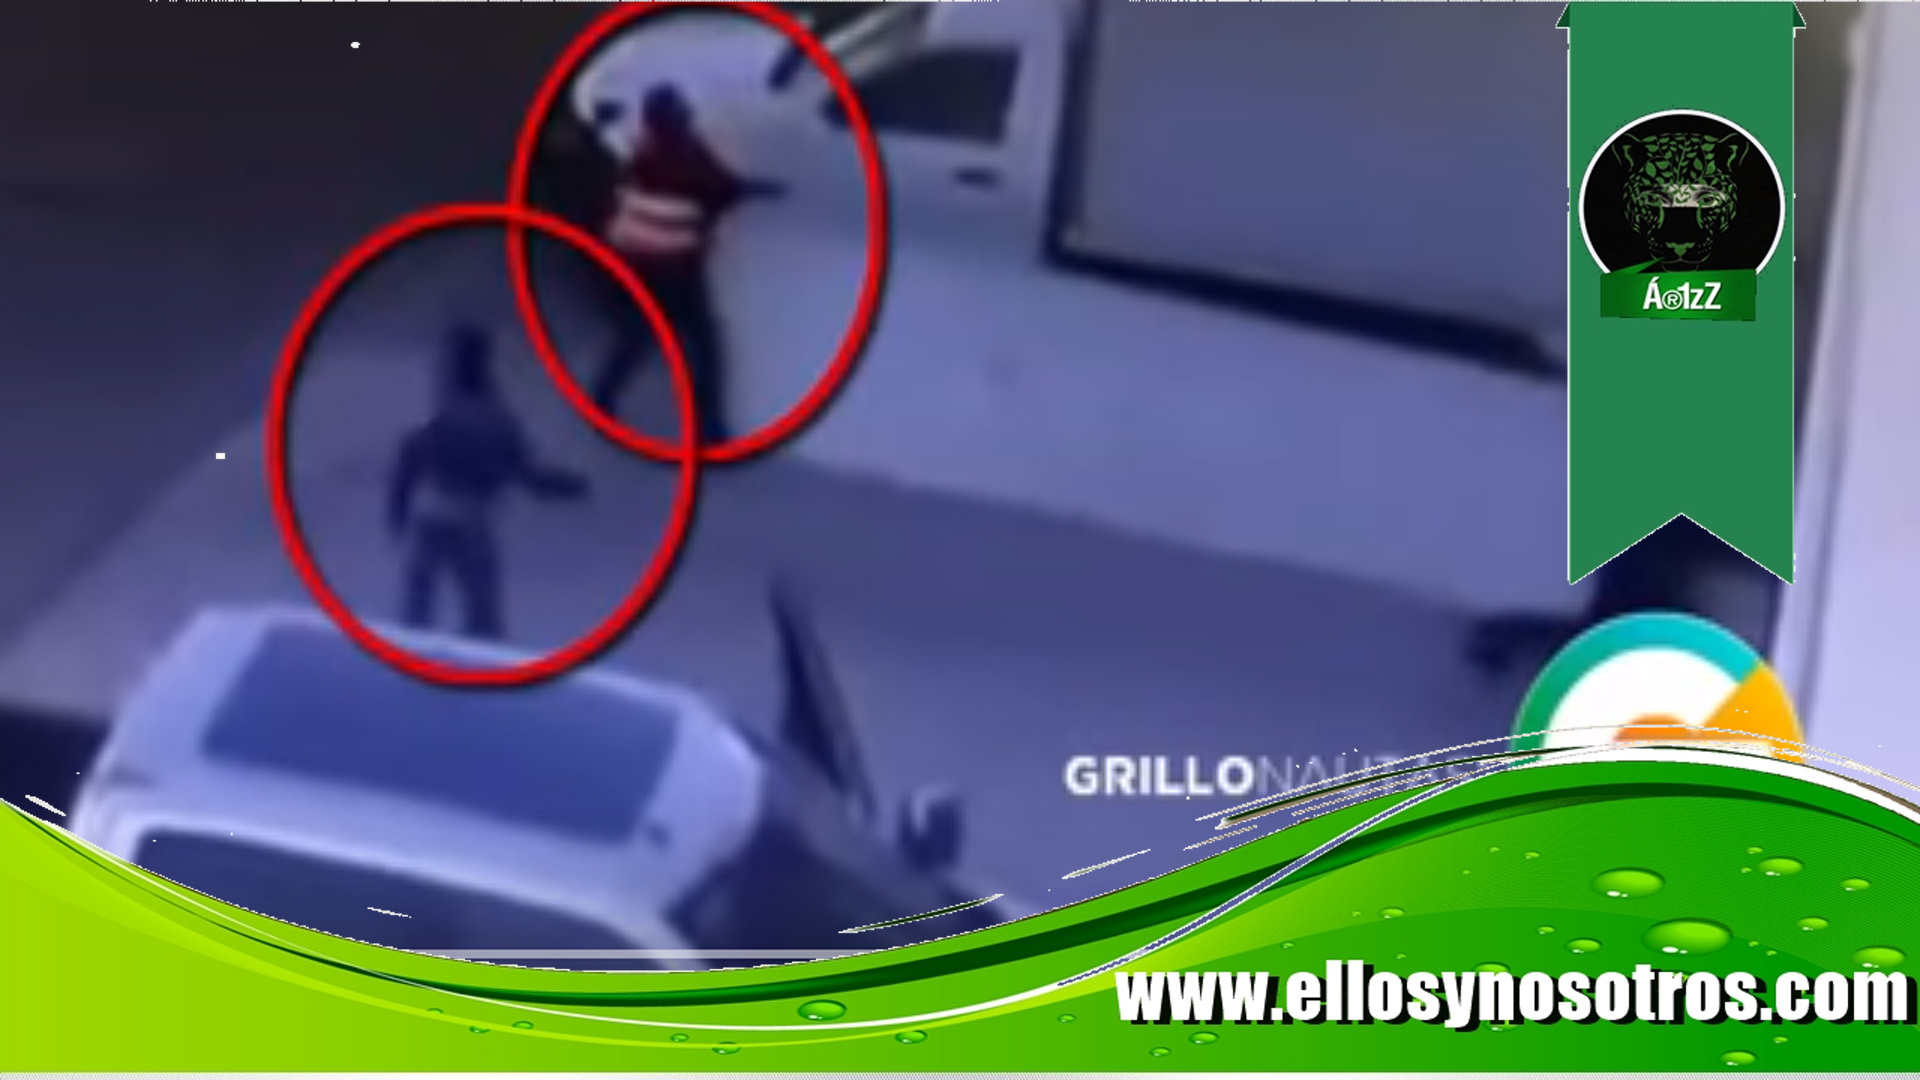 Cámaras graban a sicarios asesinando a un hombre en Zapopan, Jalisco (video)